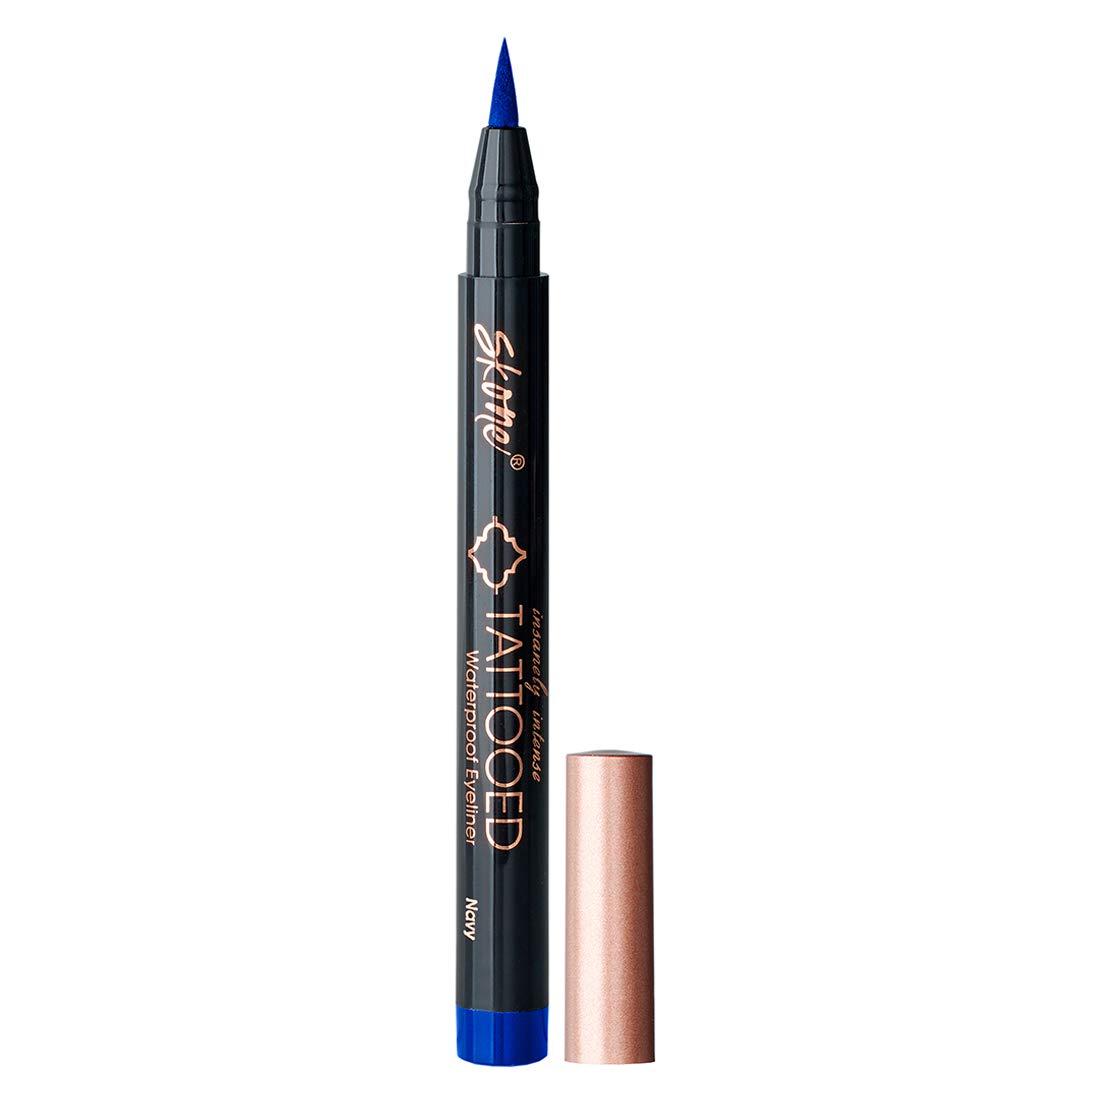 Skone Insanely Intense Tattooed Liquid Eyeliner - Waterproof Longlasting Smudge Proof - Get 4X More (Navy Eyeliner)